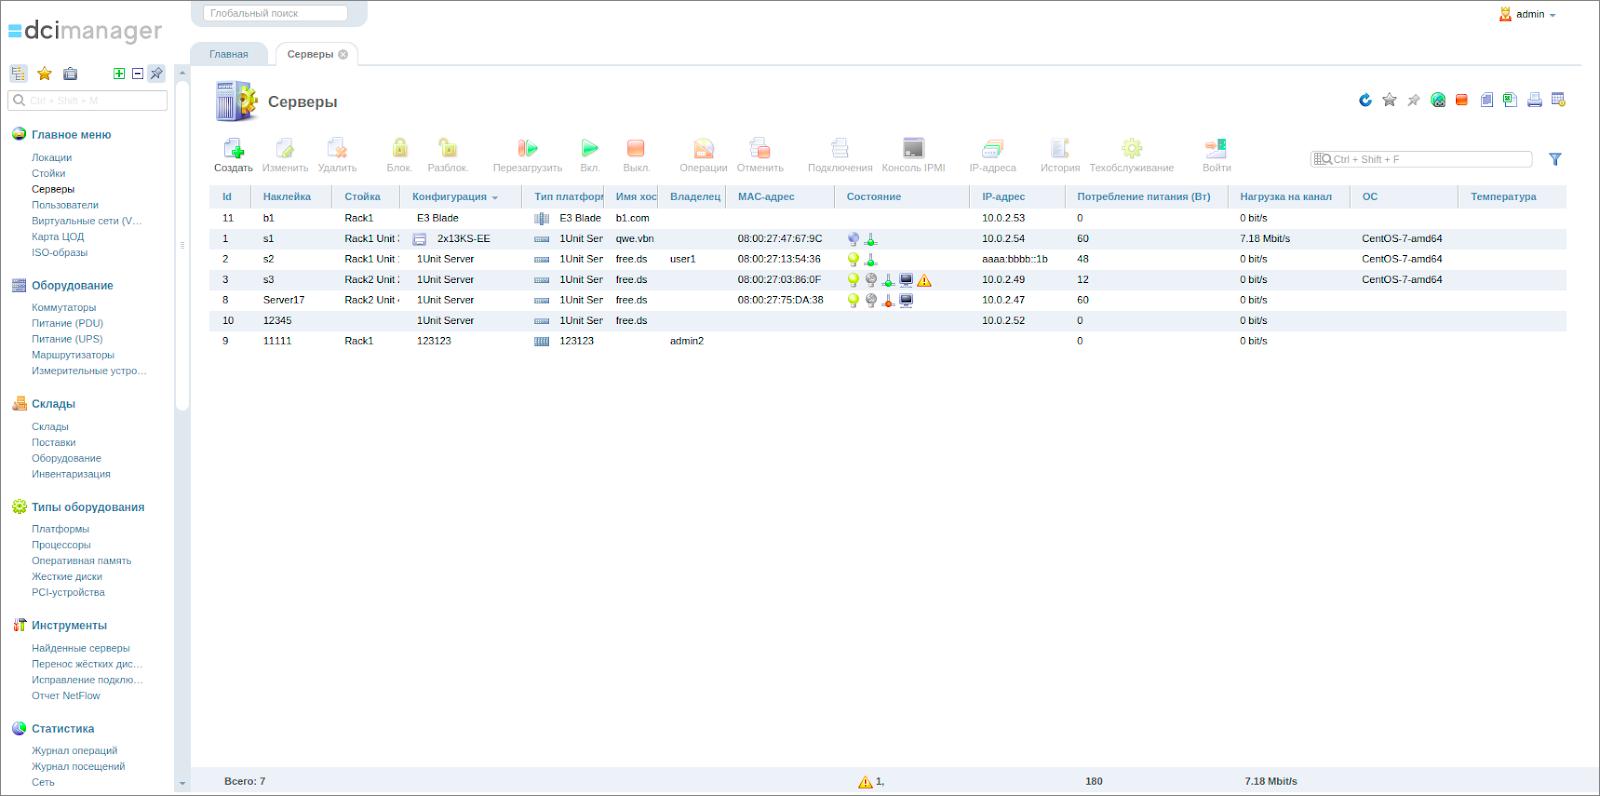 DCImanager 6 — новая панель управления серверами и оборудованием дата-центра. Первое знакомство и сравнение с «пятёркой» - 6